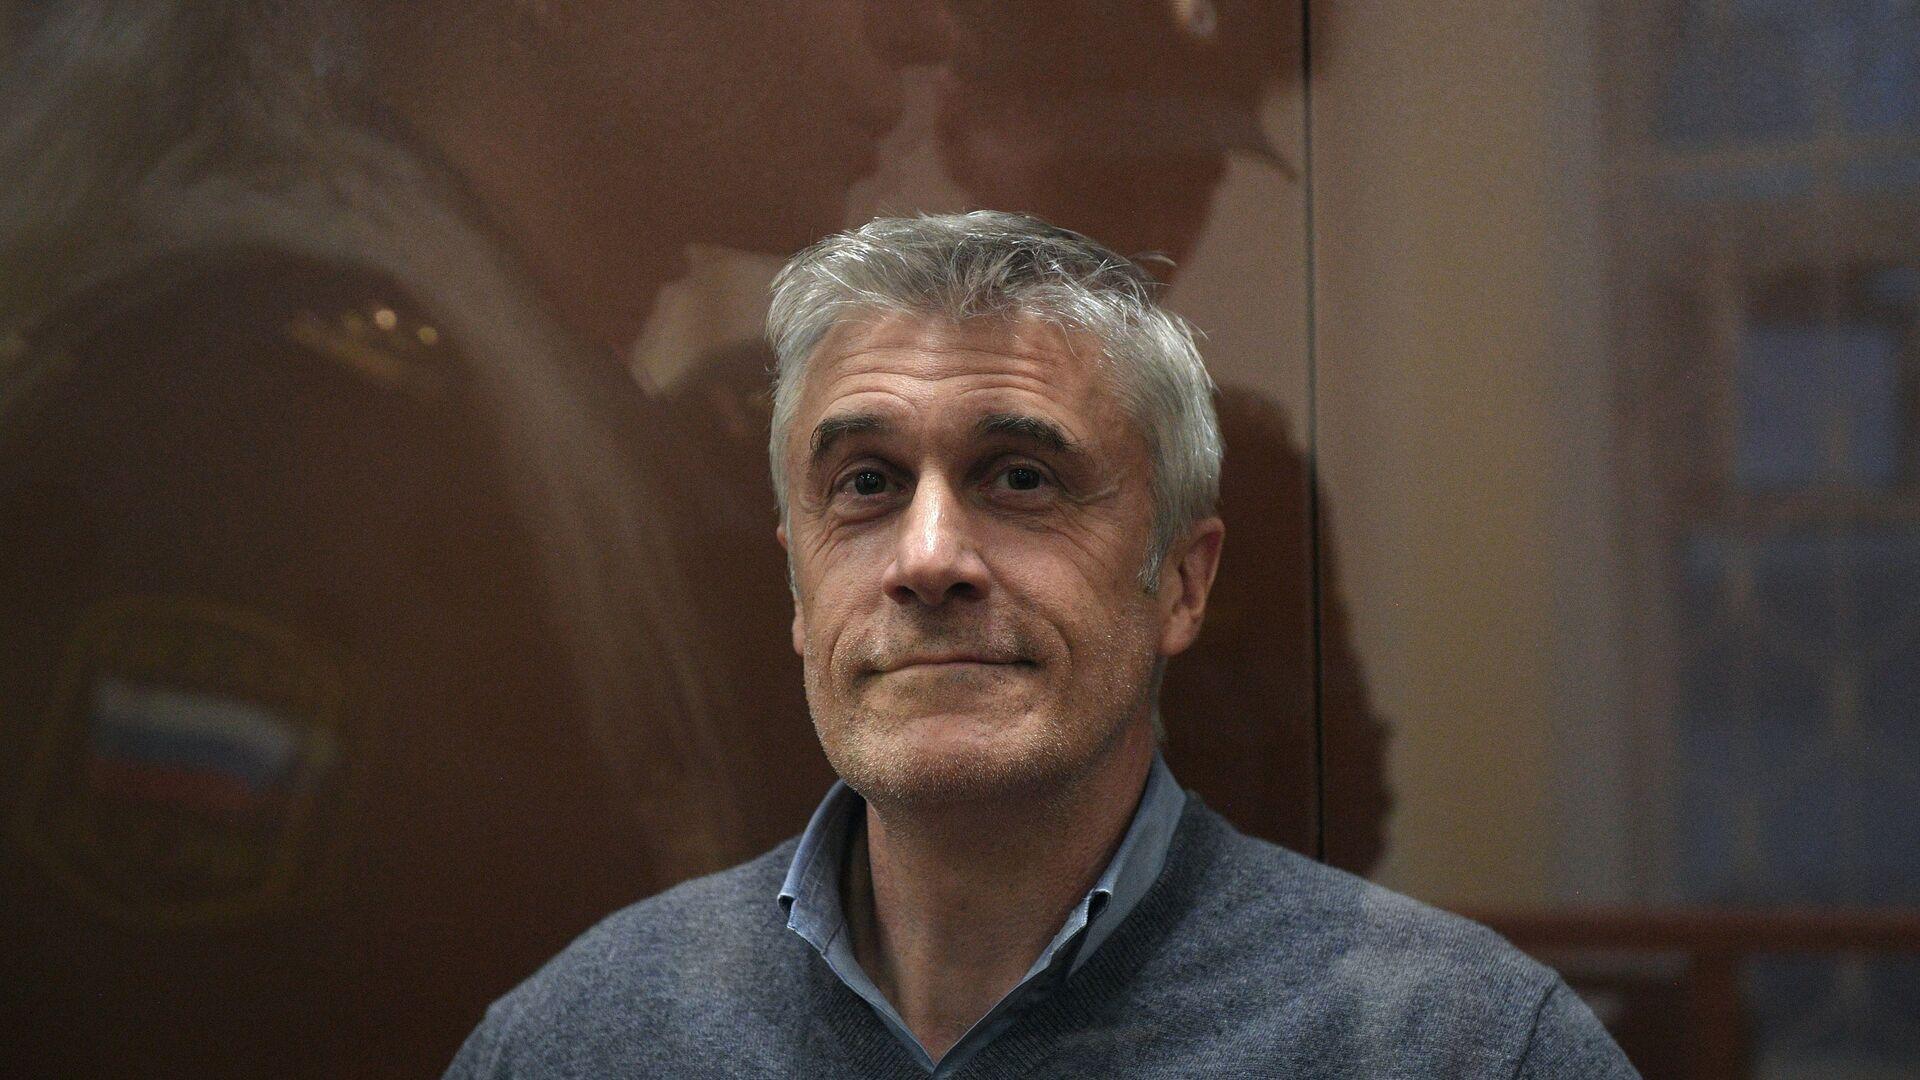 Michael Calvey, inversor estadounidense, fundador de la empresa de inversiones Baring Vostok - Sputnik Mundo, 1920, 06.08.2021